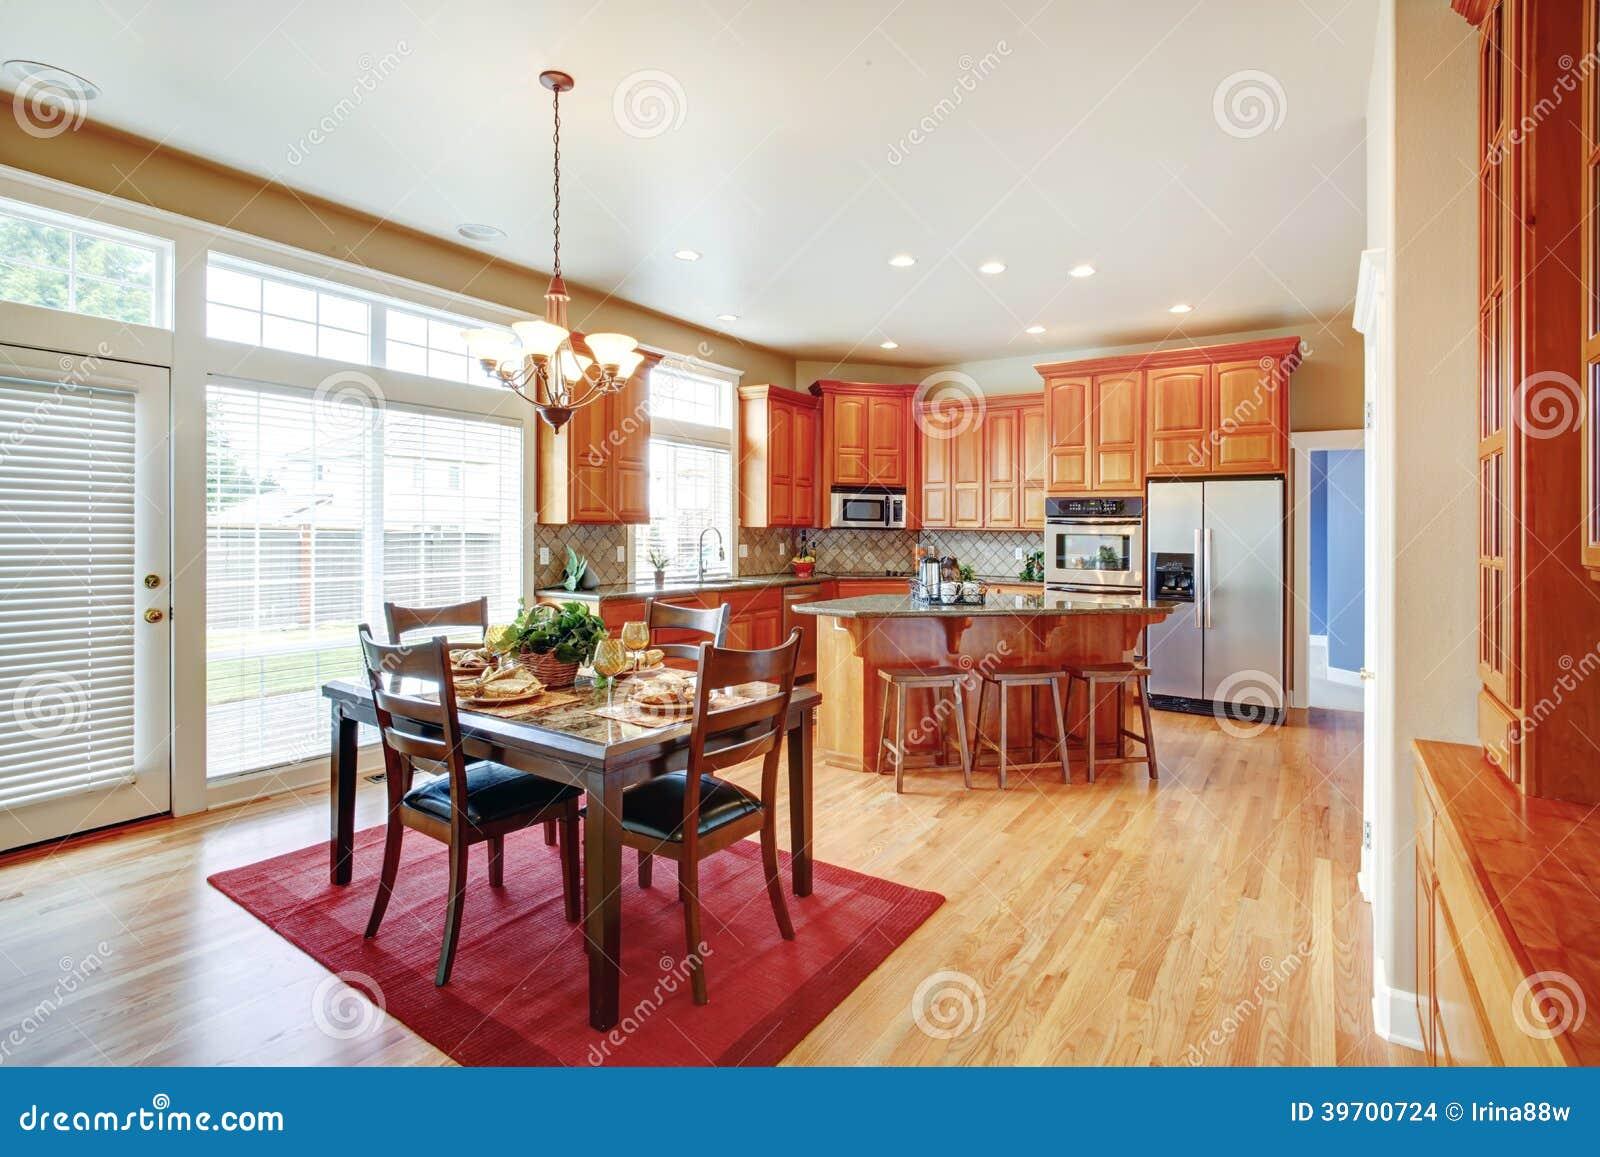 Sala Da Cozinha Com Ilha E Mesa De Jantar De Cozinha Foto De Stock